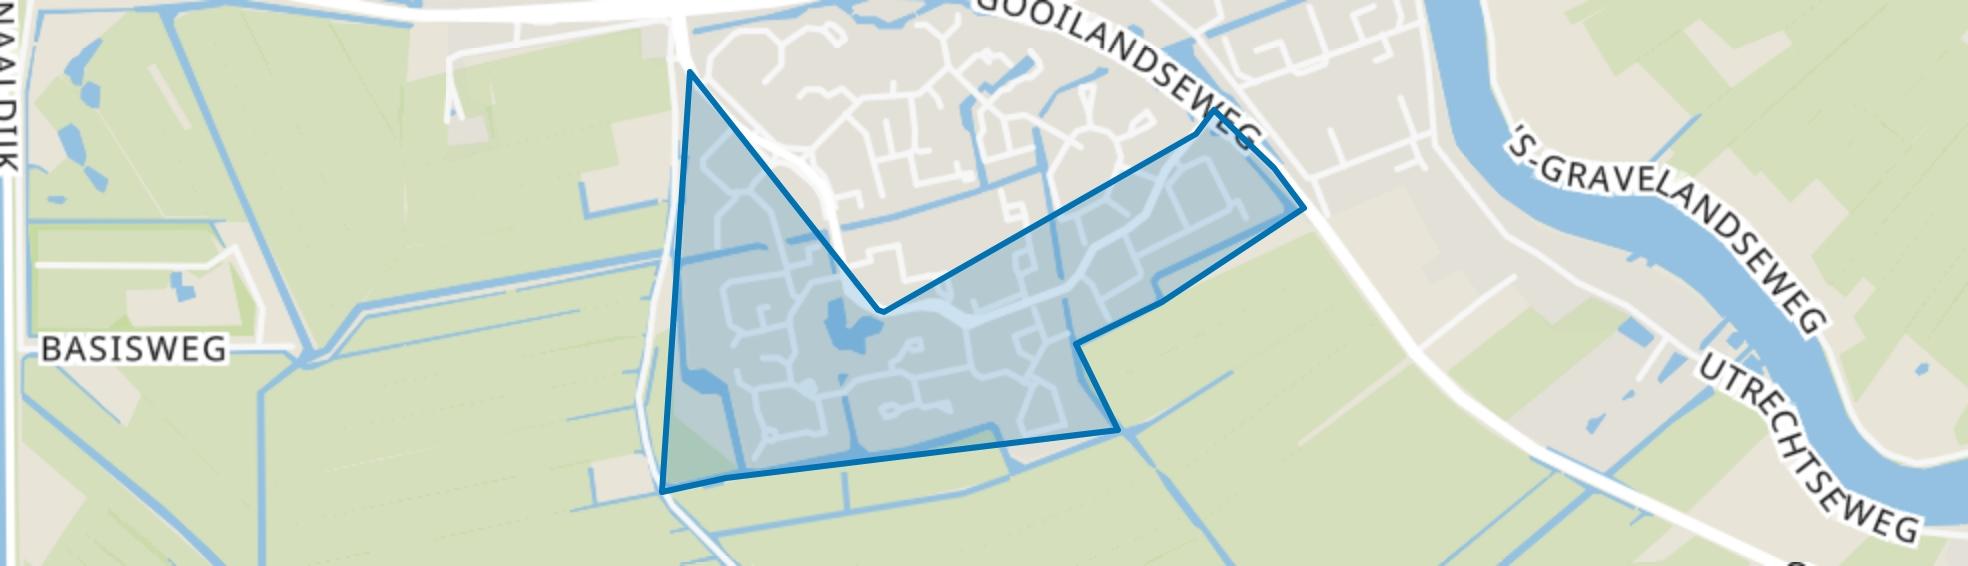 Aetsveld Zuid, Weesp map